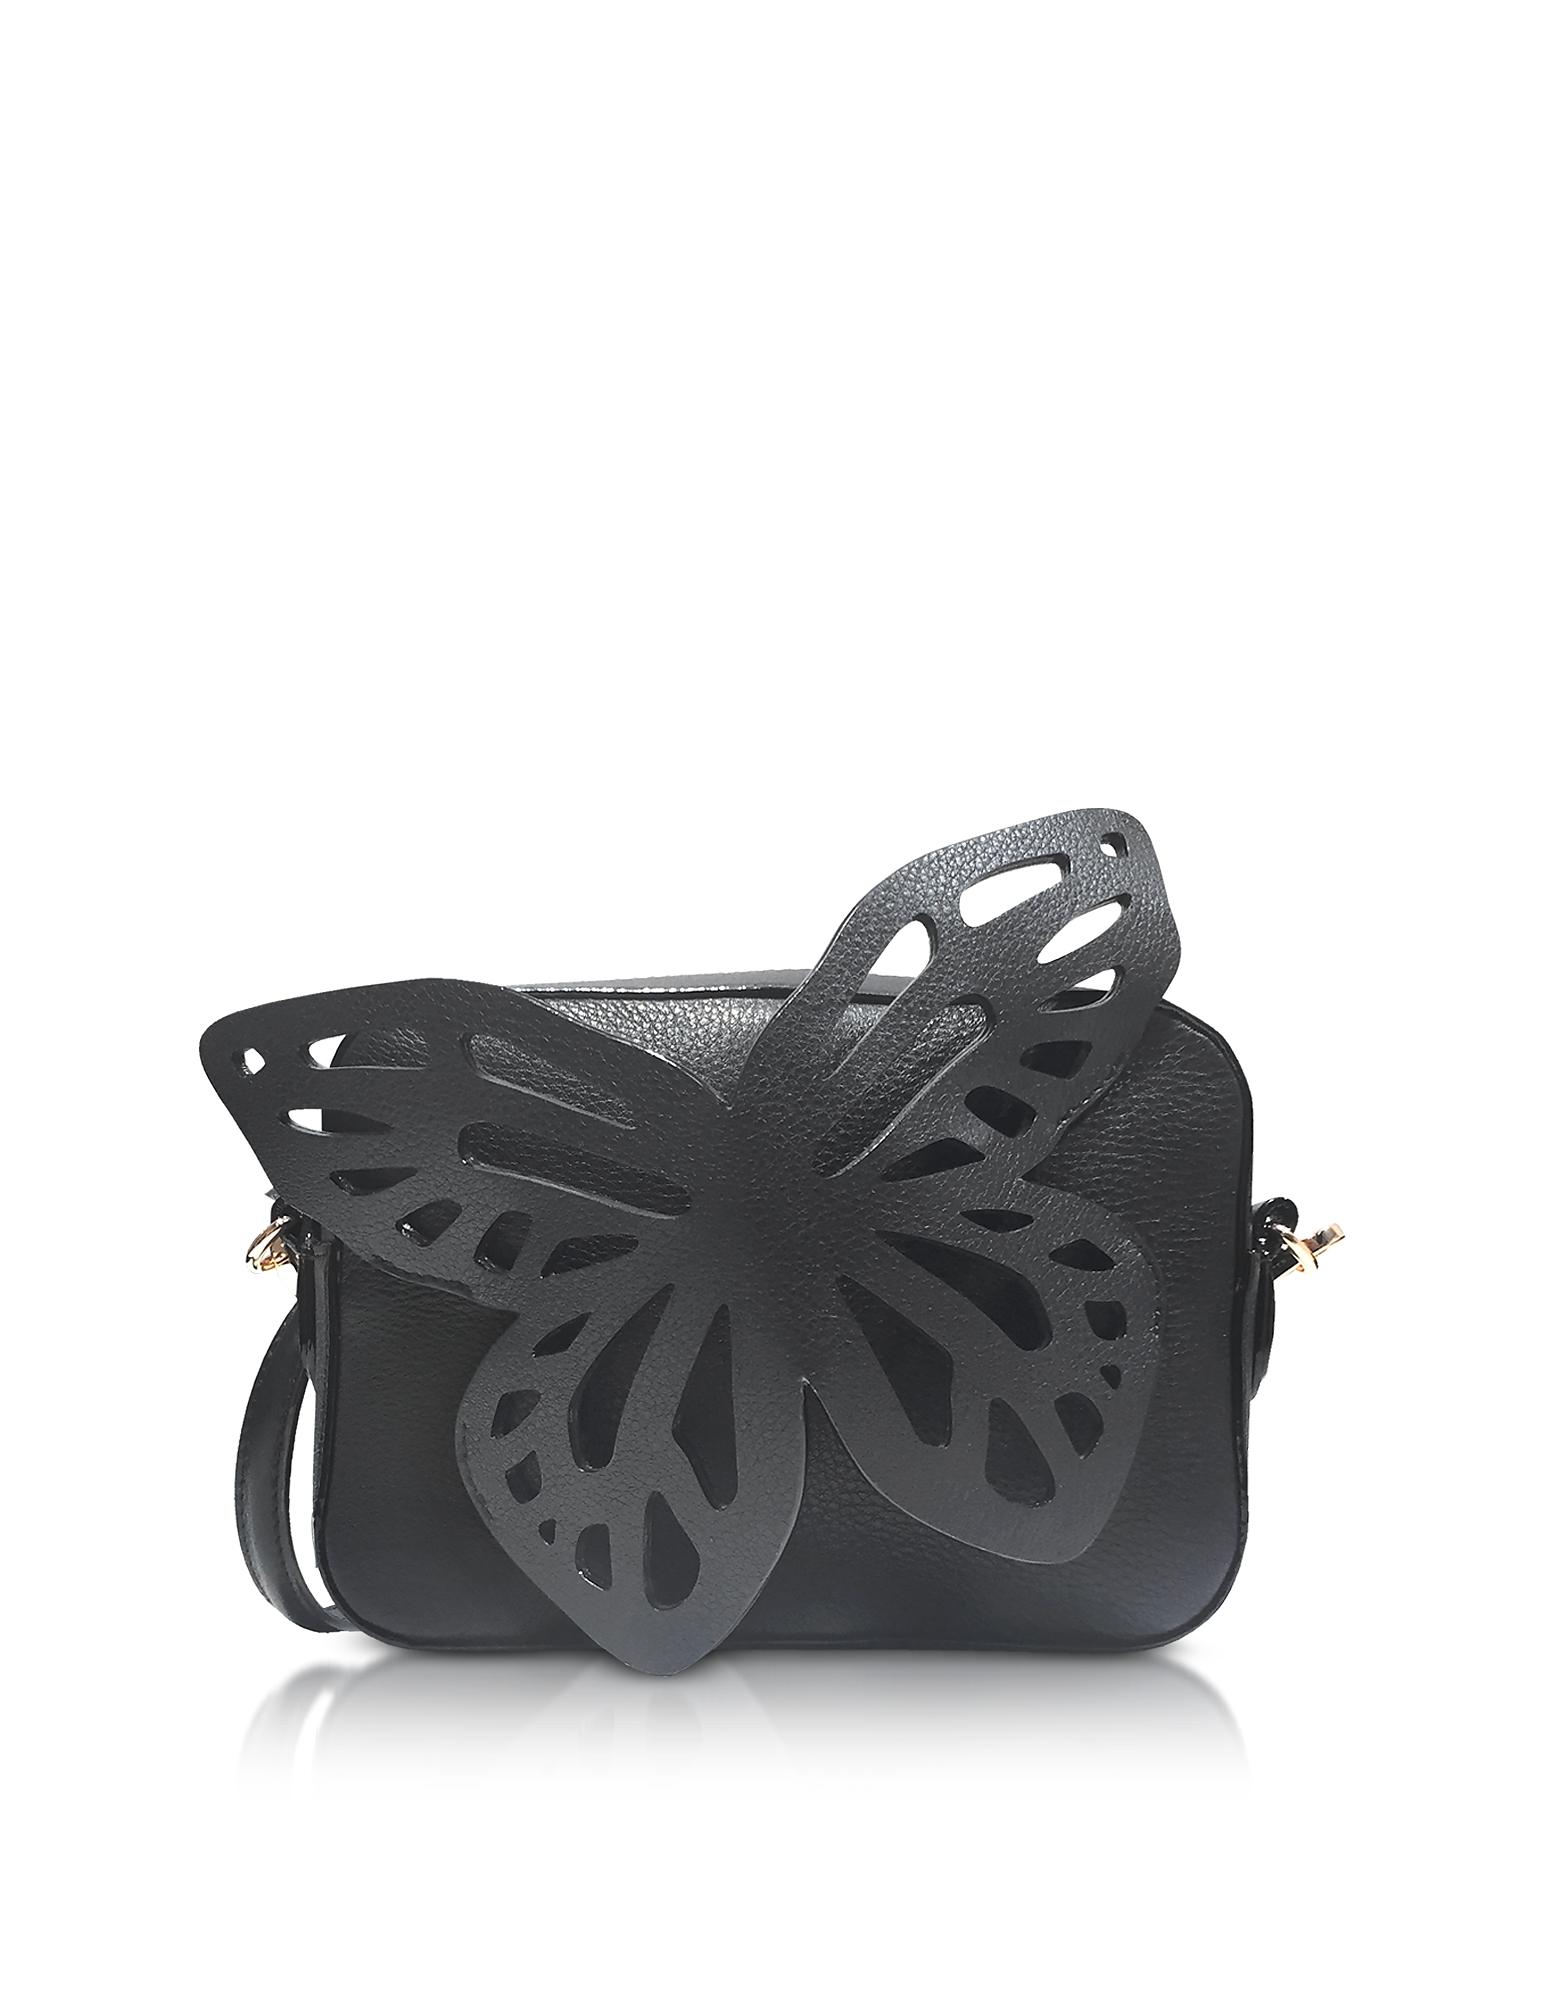 Sophia Webster Handbags, Flossy Butterfly Camera Bag